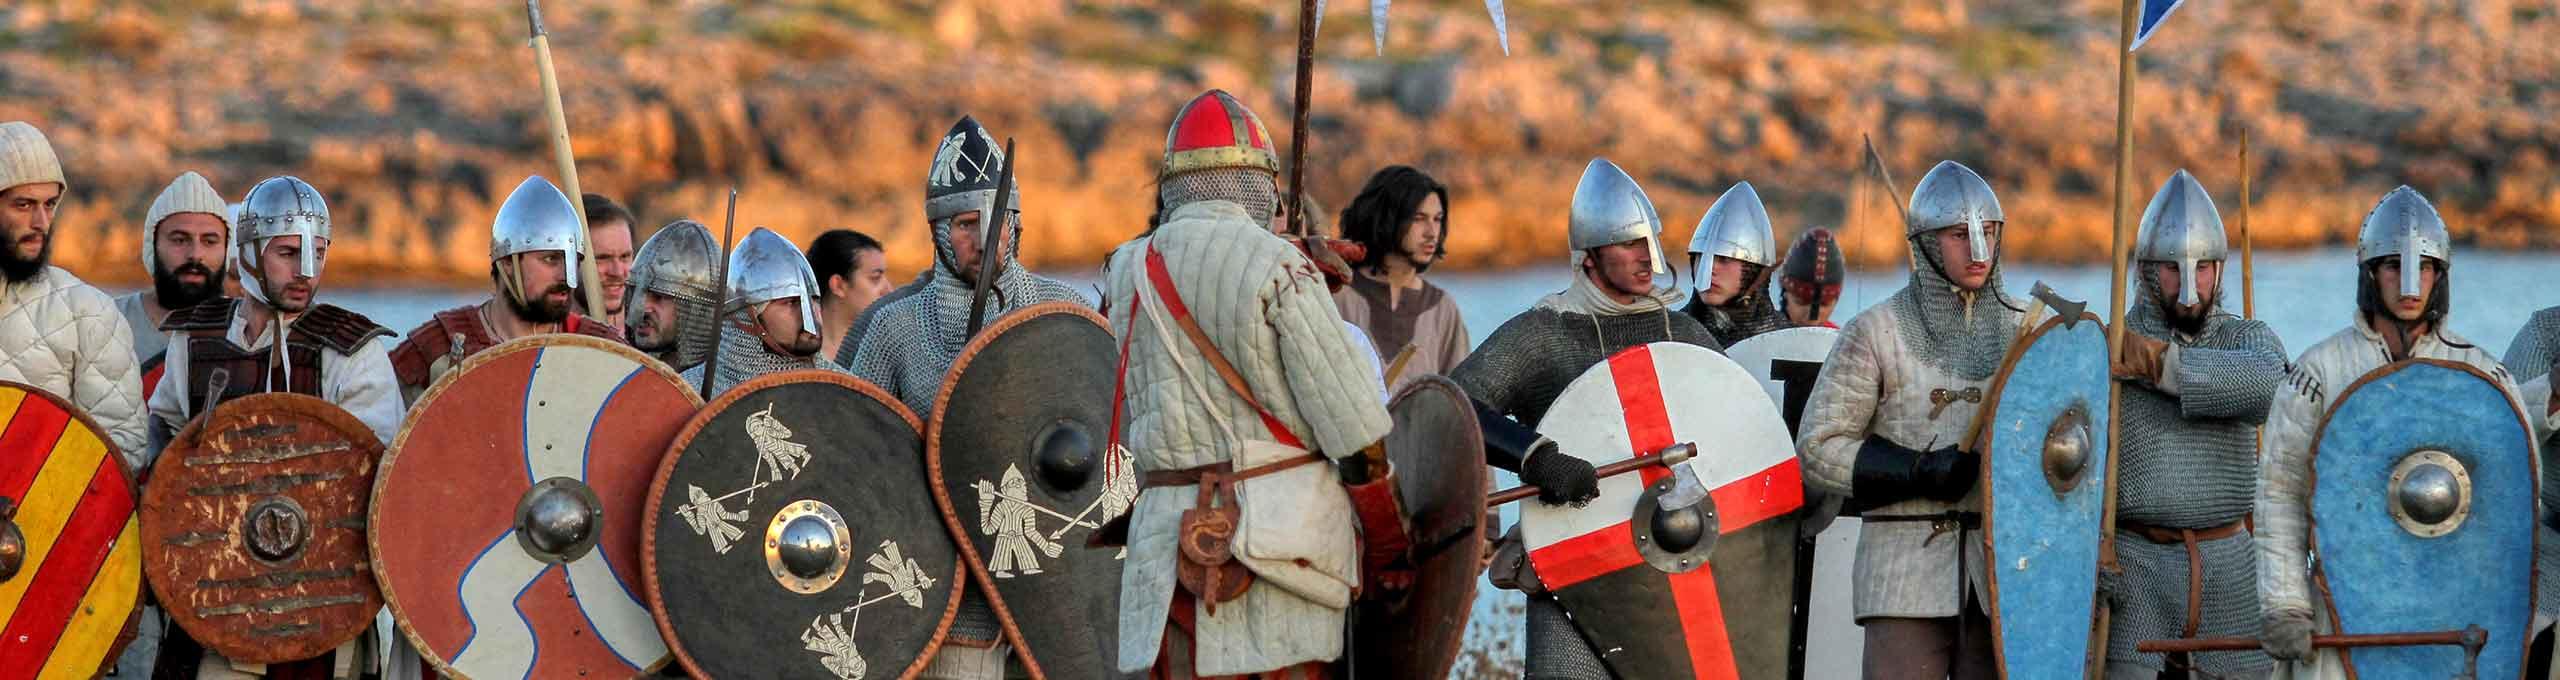 Leporano, Puglia, rappresentazione storica della battaglia di Taranto tra bizantini e normanni